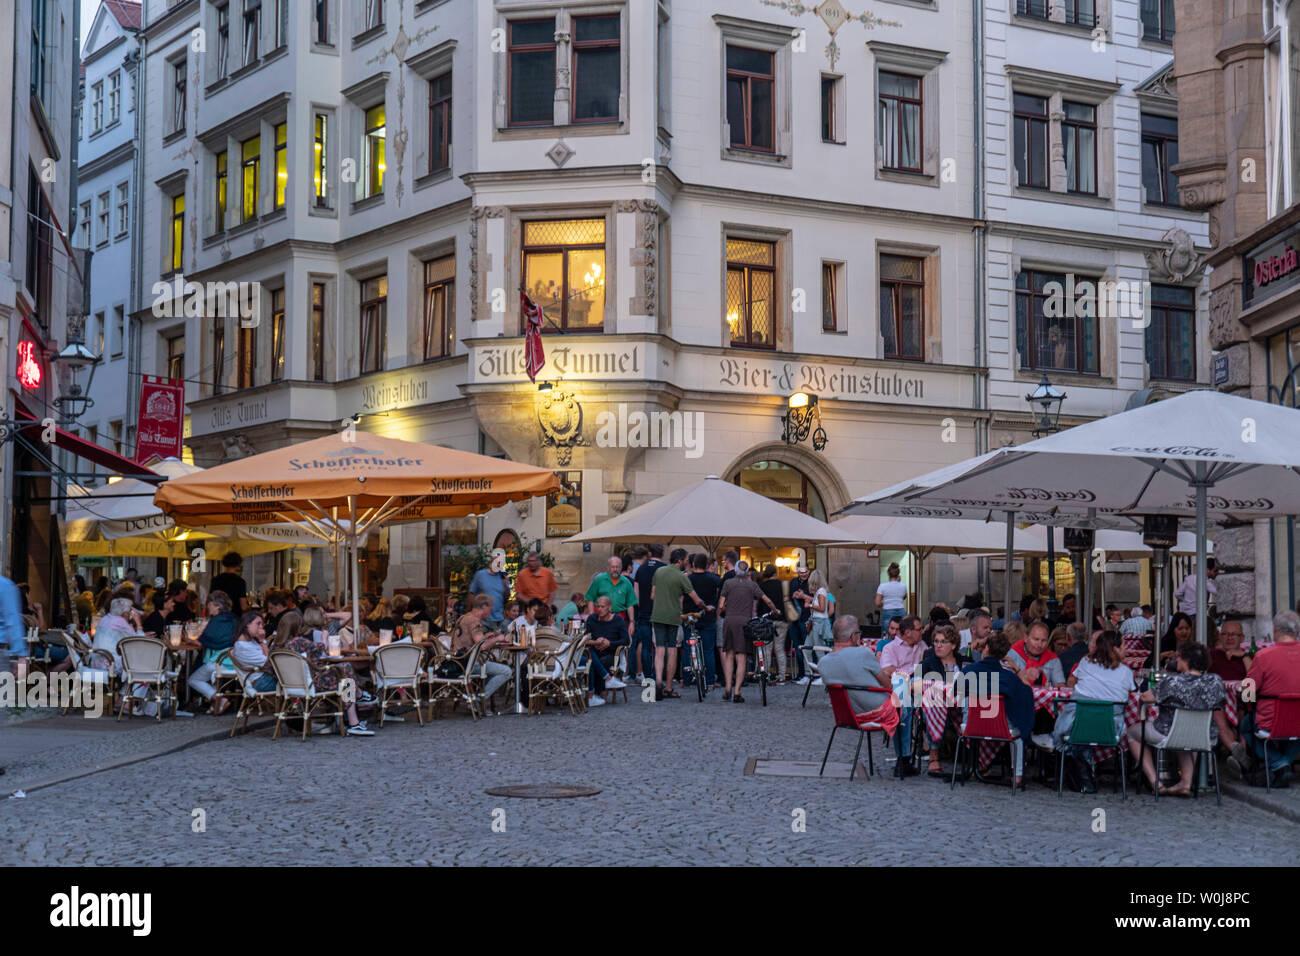 Barfußgäßchen, Drallewatsch, Straßencafes, Leipzig |Barfussgässchen, street cafes, Drallewatsch, Old city Center, Leipzig, Saxony, - Stock Image